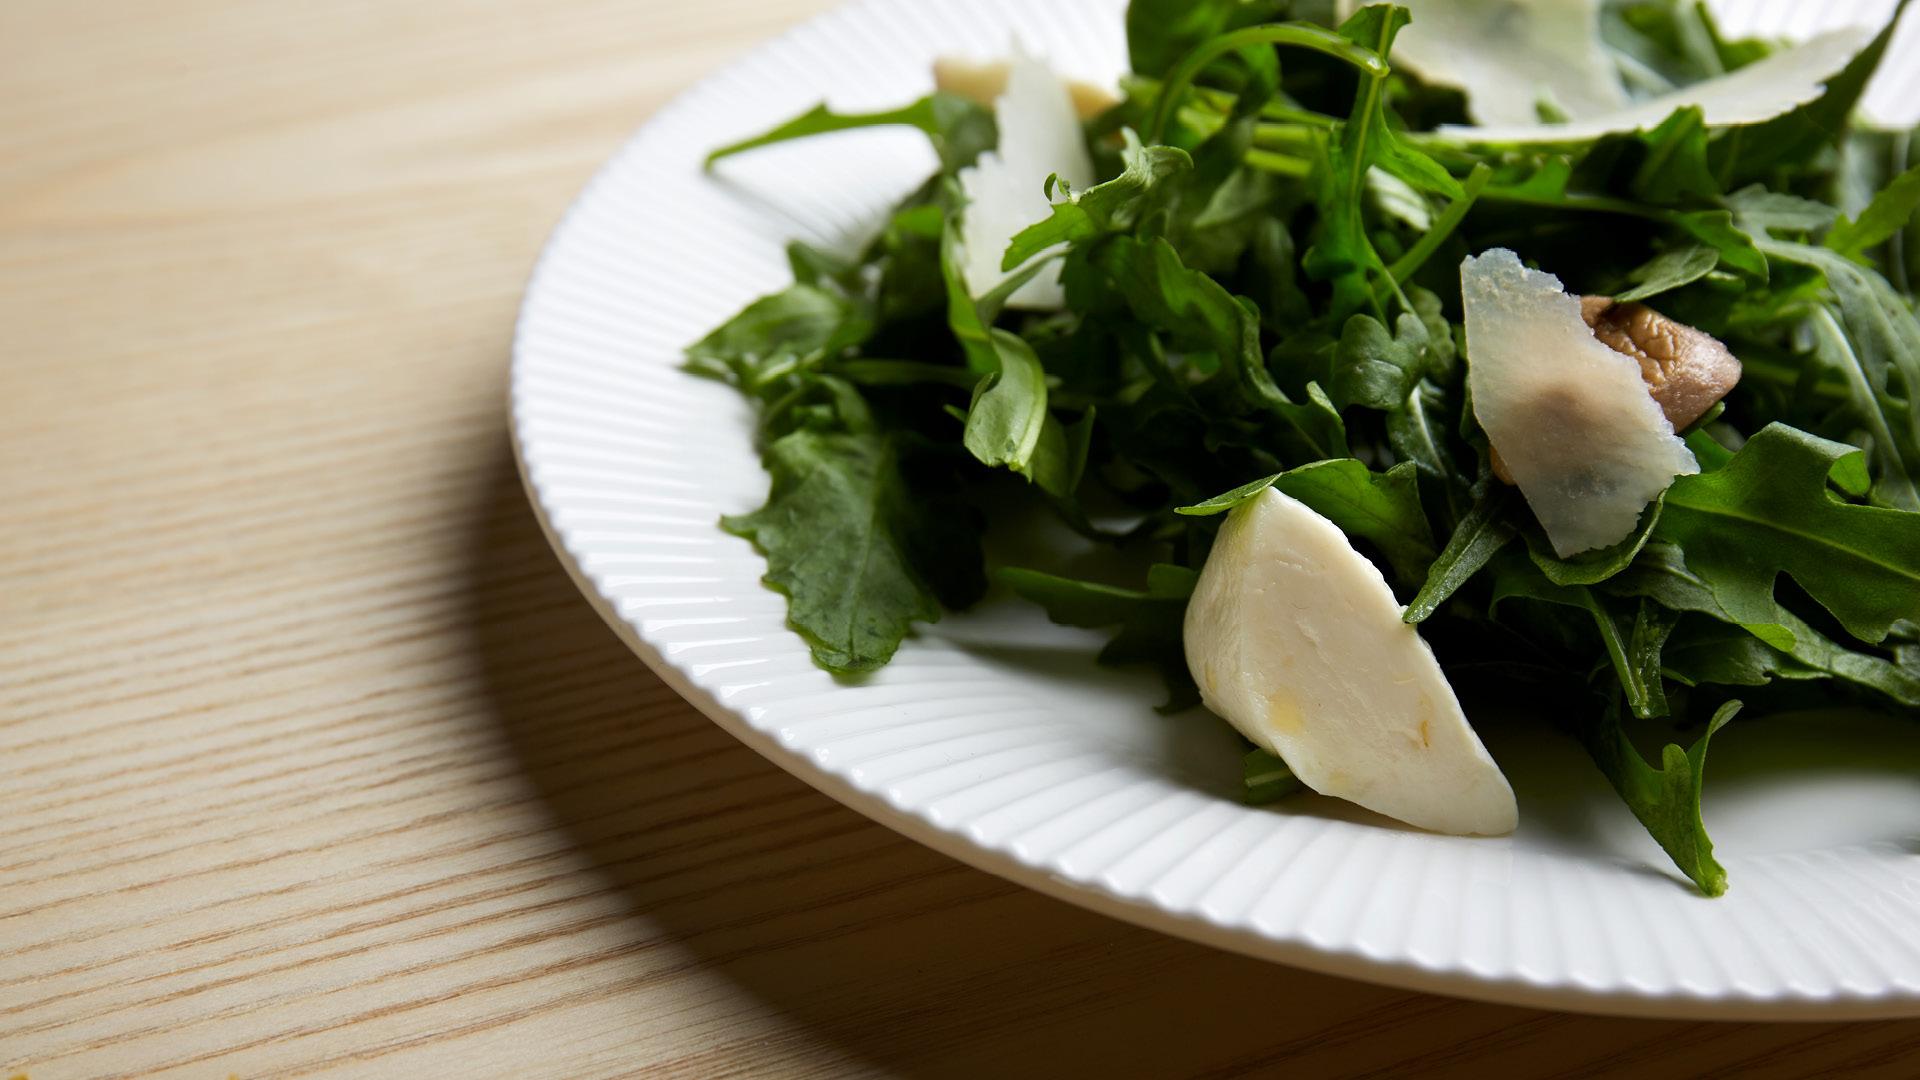 1.选白瓷餐具:简单清爽,衬托食材原色,展现蔬果的新鲜气息和自然色彩。